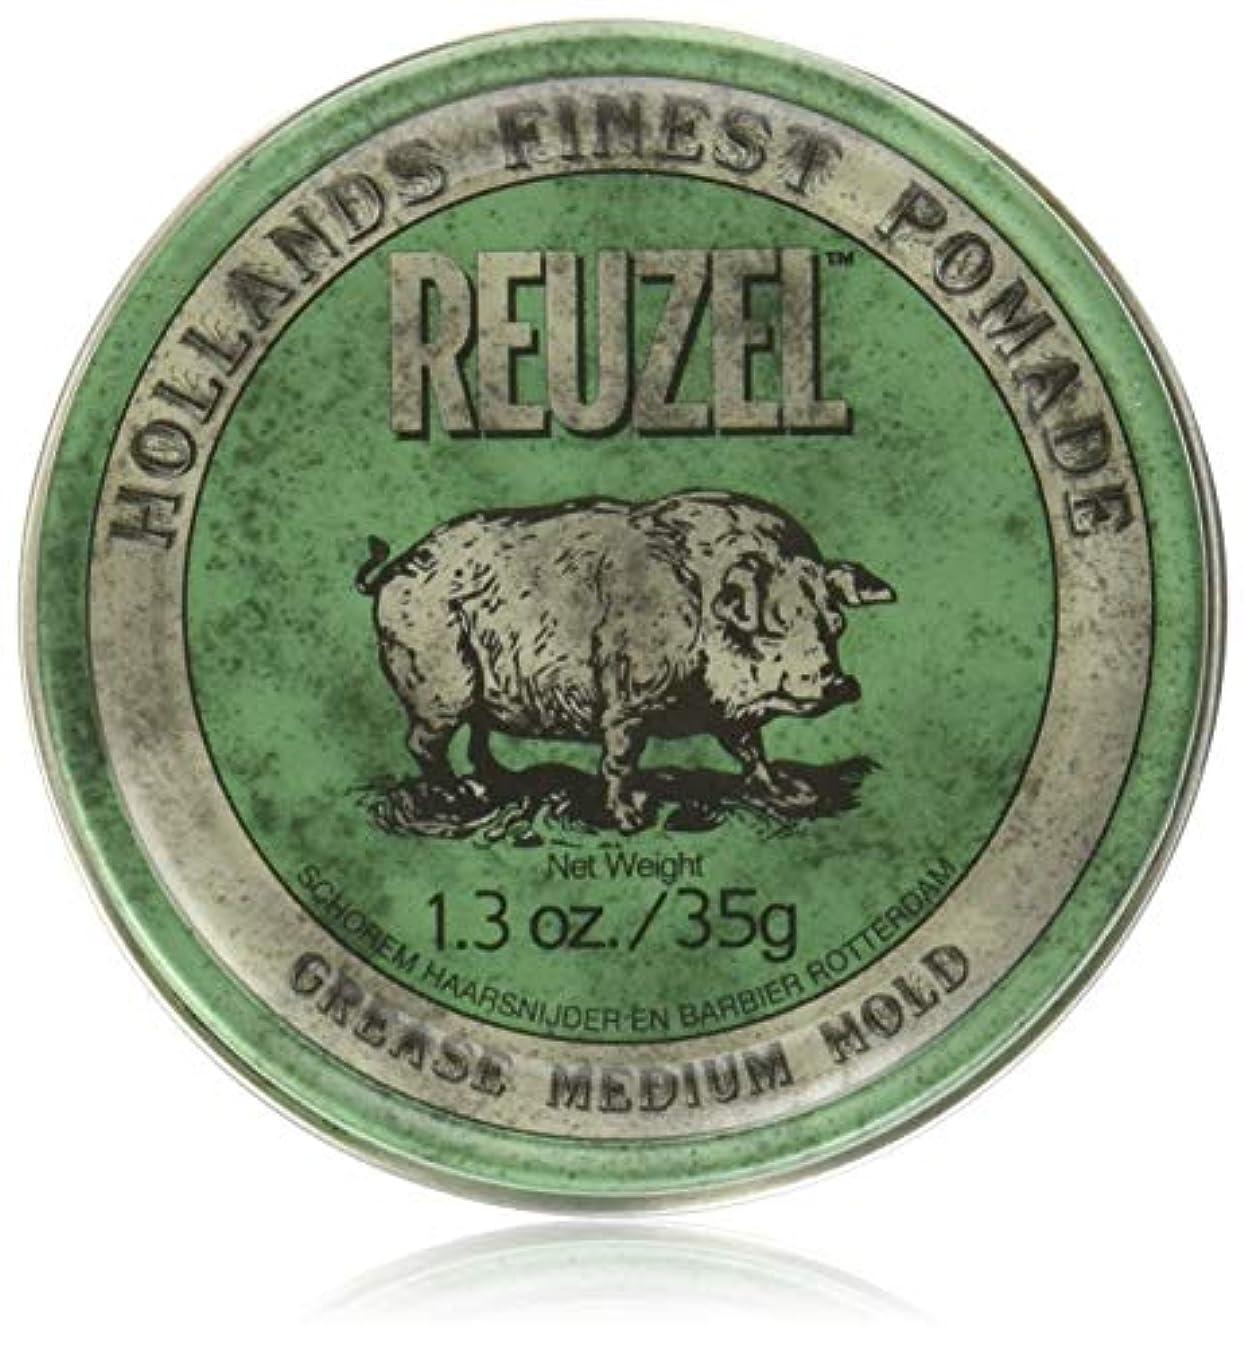 完全に壮大な過去REUZEL Grease Hold Hair Styling Pomade Piglet Wax/Gel, Medium, Green, 1.3 oz, 35g by REUZEL